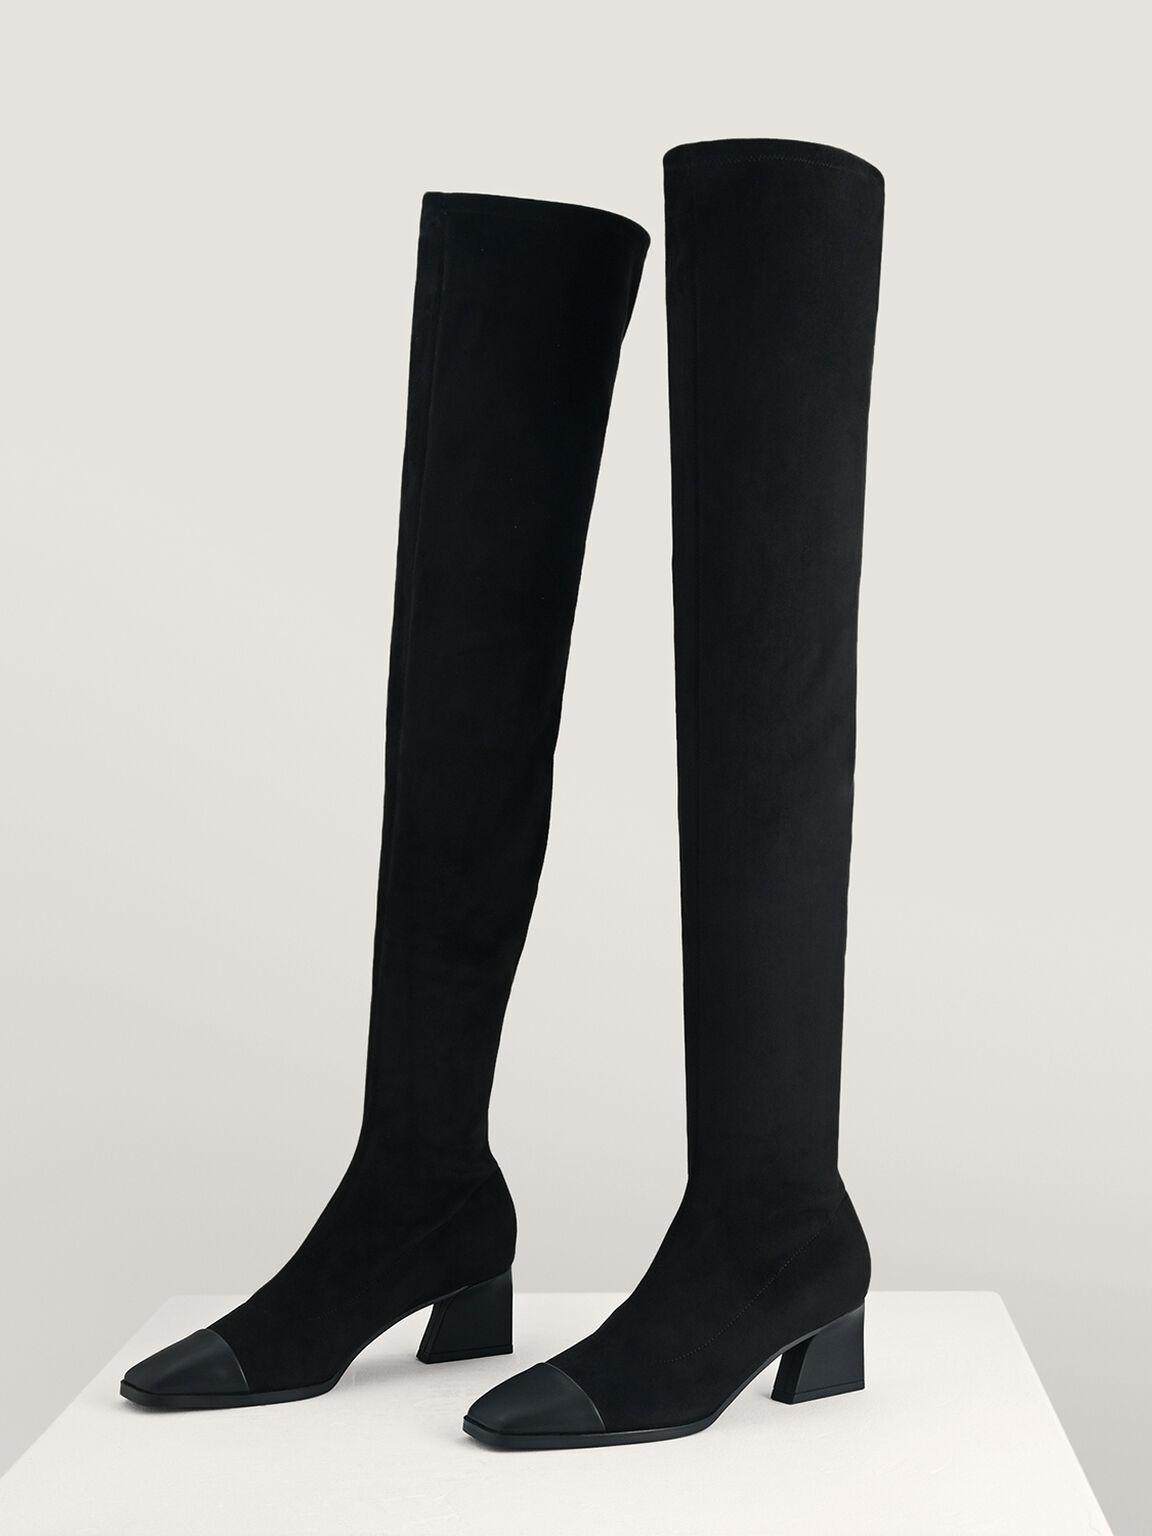 Knee High Boots, Black, hi-res